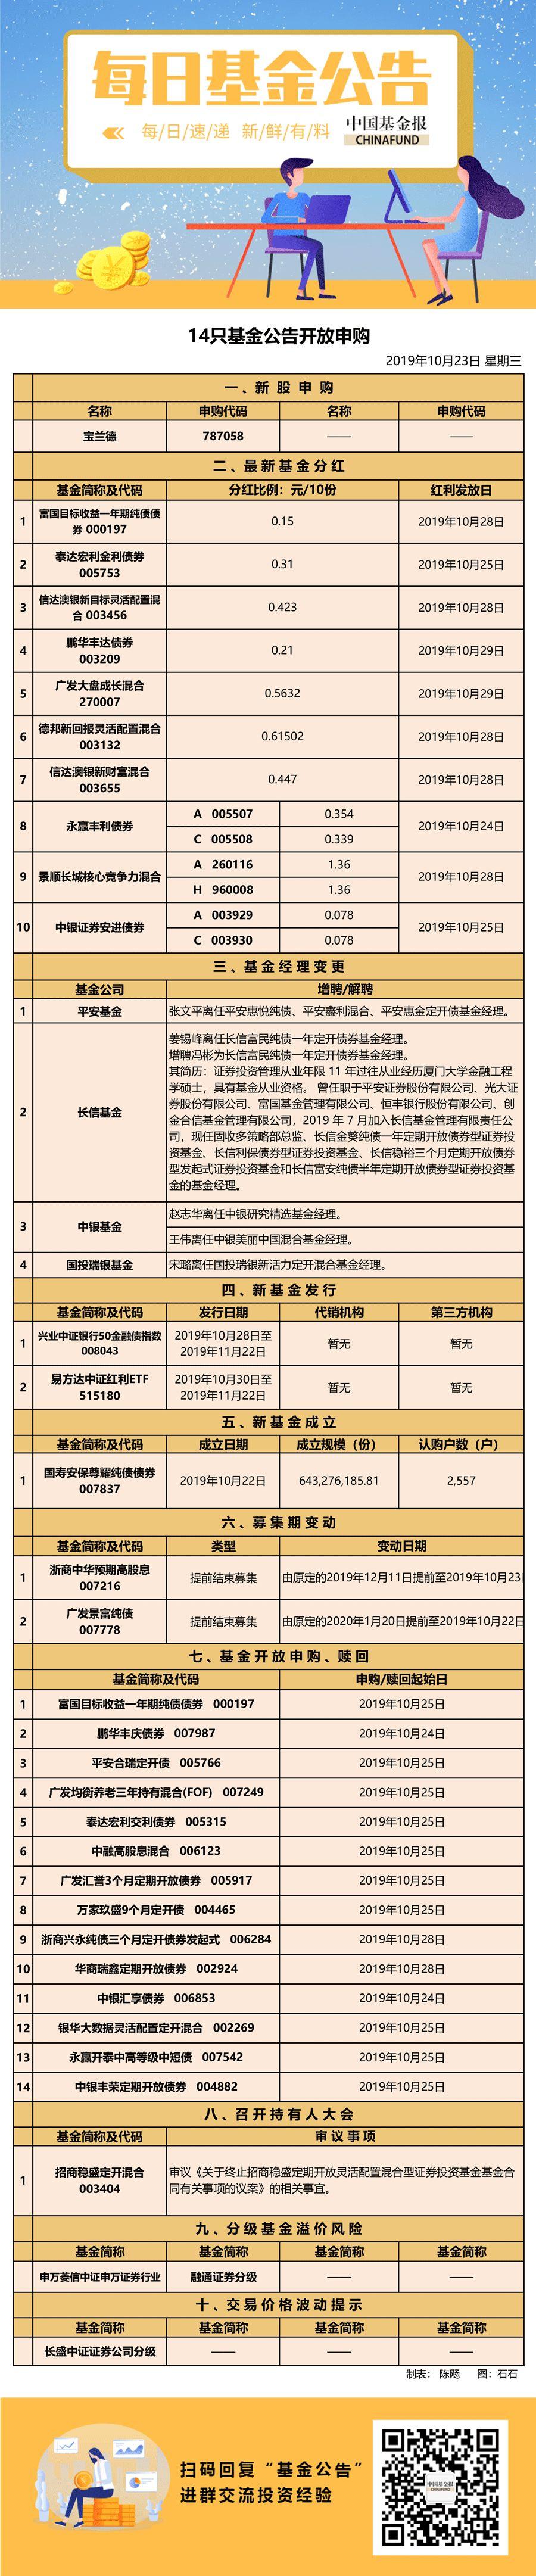 「2016cba总决赛博彩」新洋丰将花不超4亿元回购社会公众股份 用于转换债券